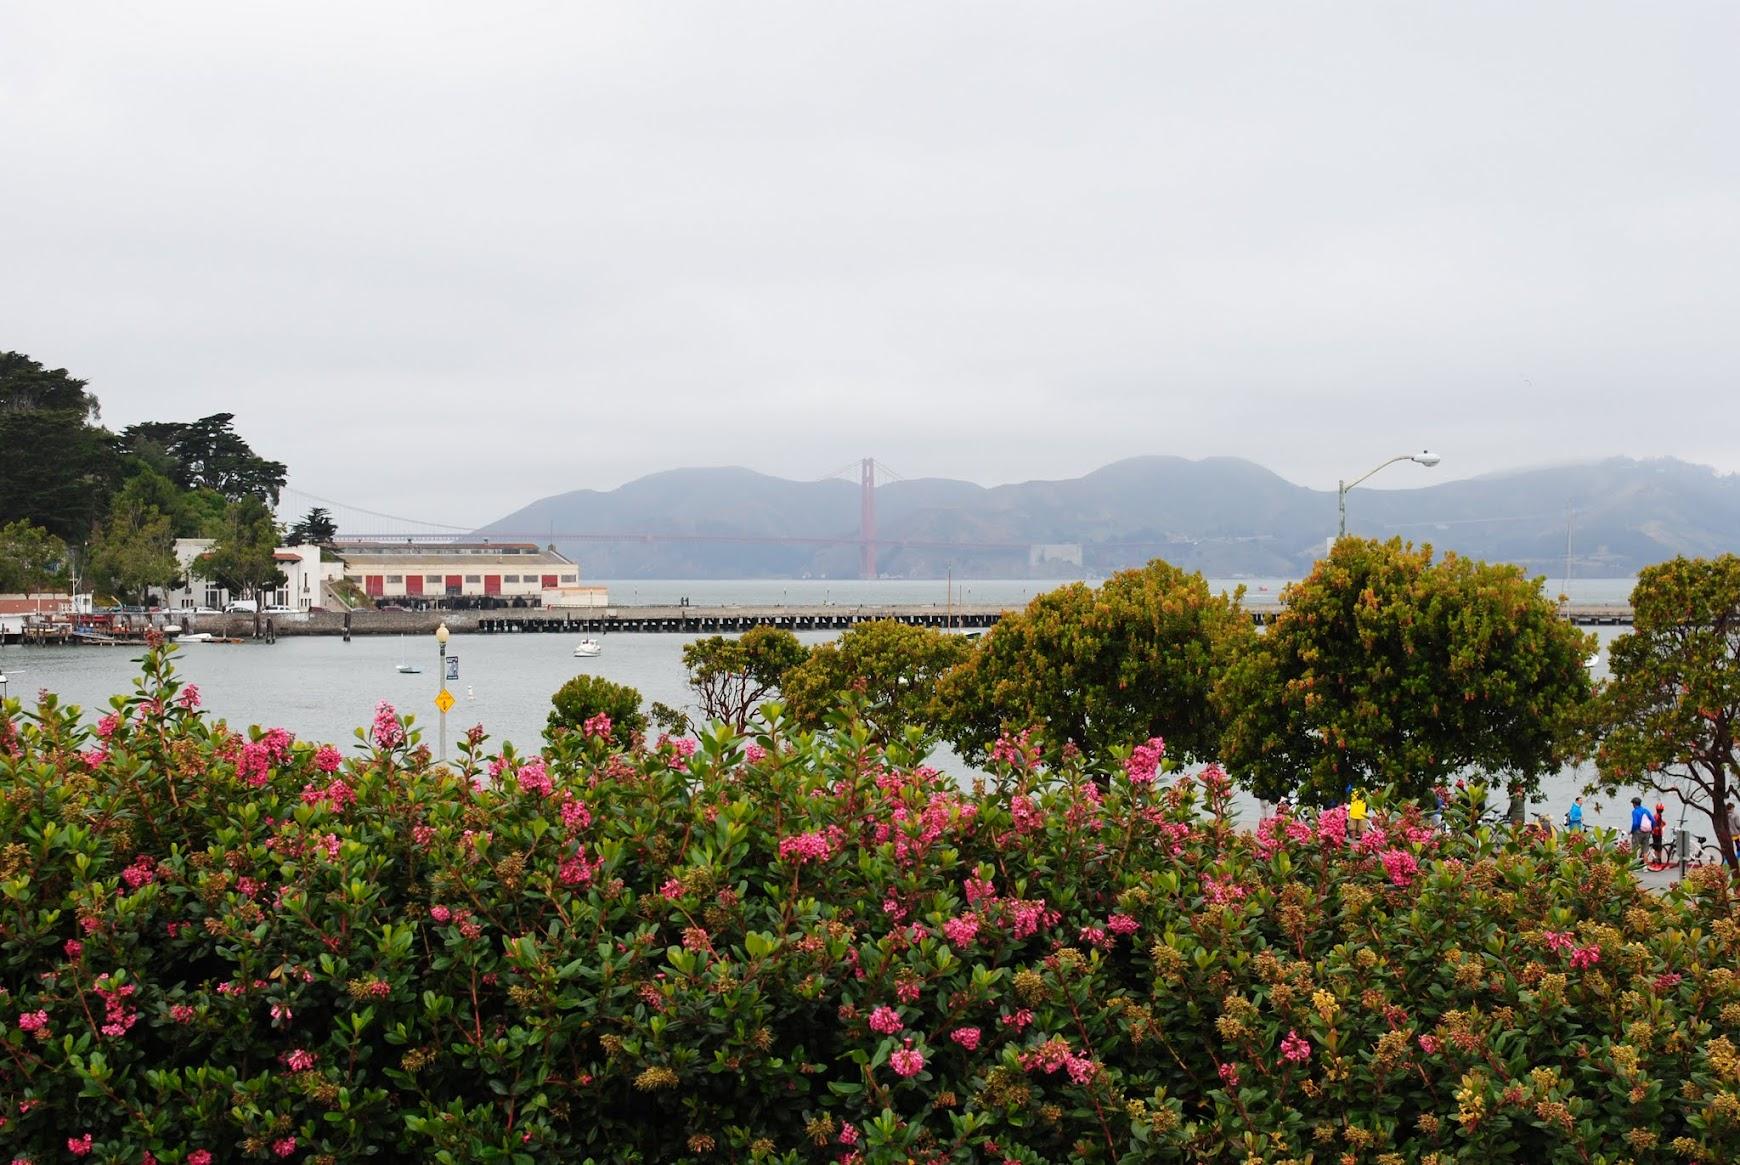 My Photos: San Francisco